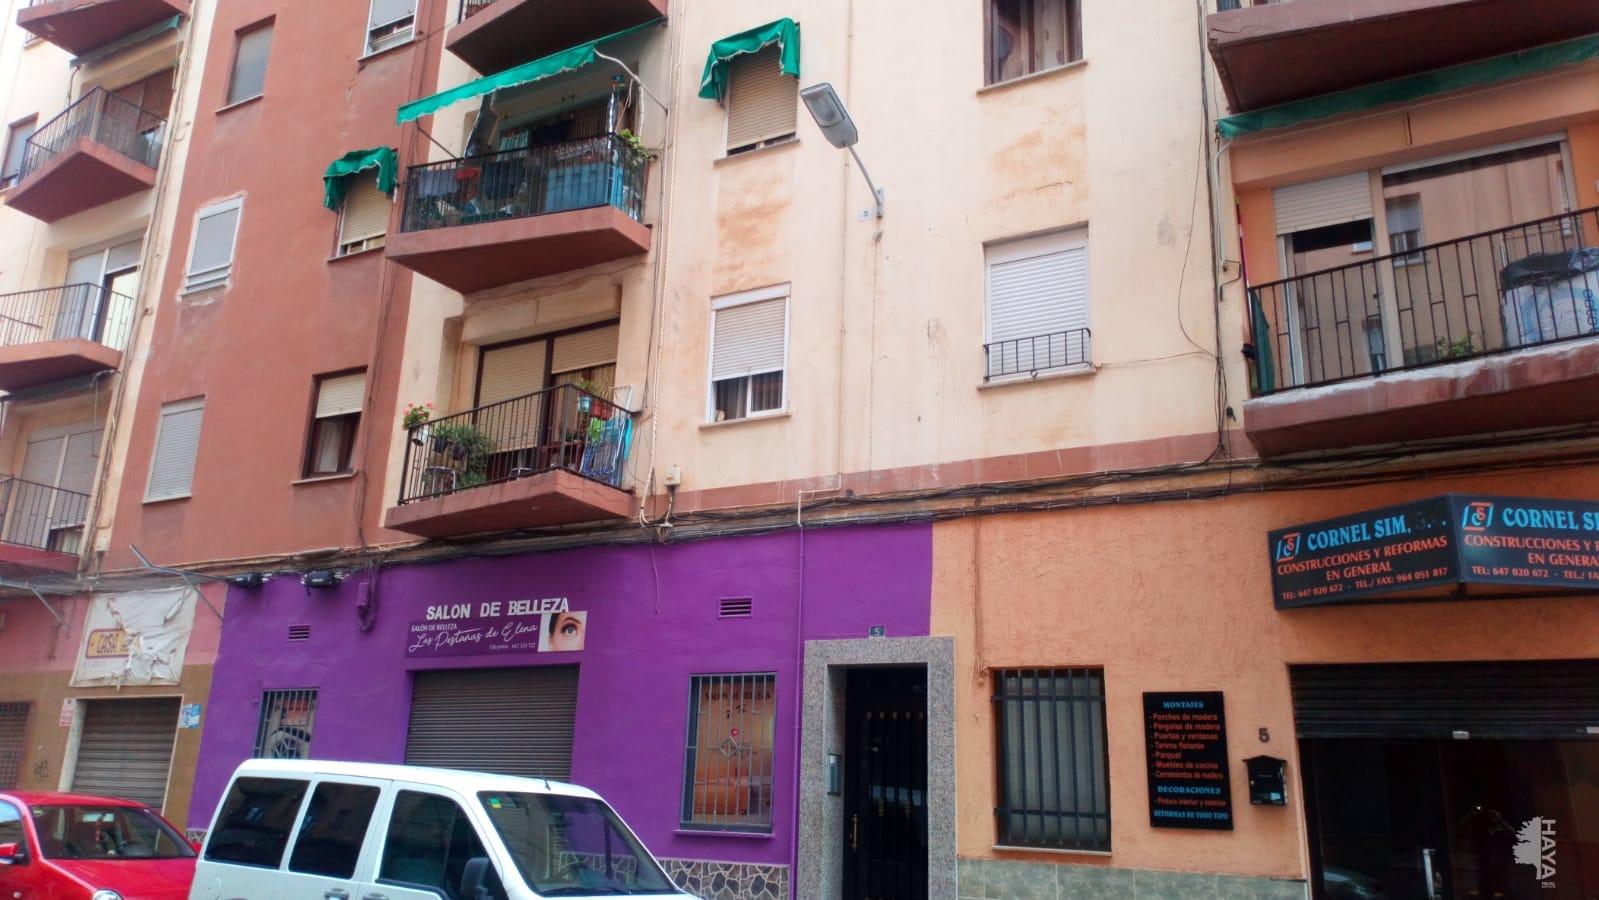 Piso en venta en Grupo San Pedro, Castellón de la Plana/castelló de la Plana, Castellón, Calle la Llosa, 41.353 €, 2 habitaciones, 1 baño, 60 m2